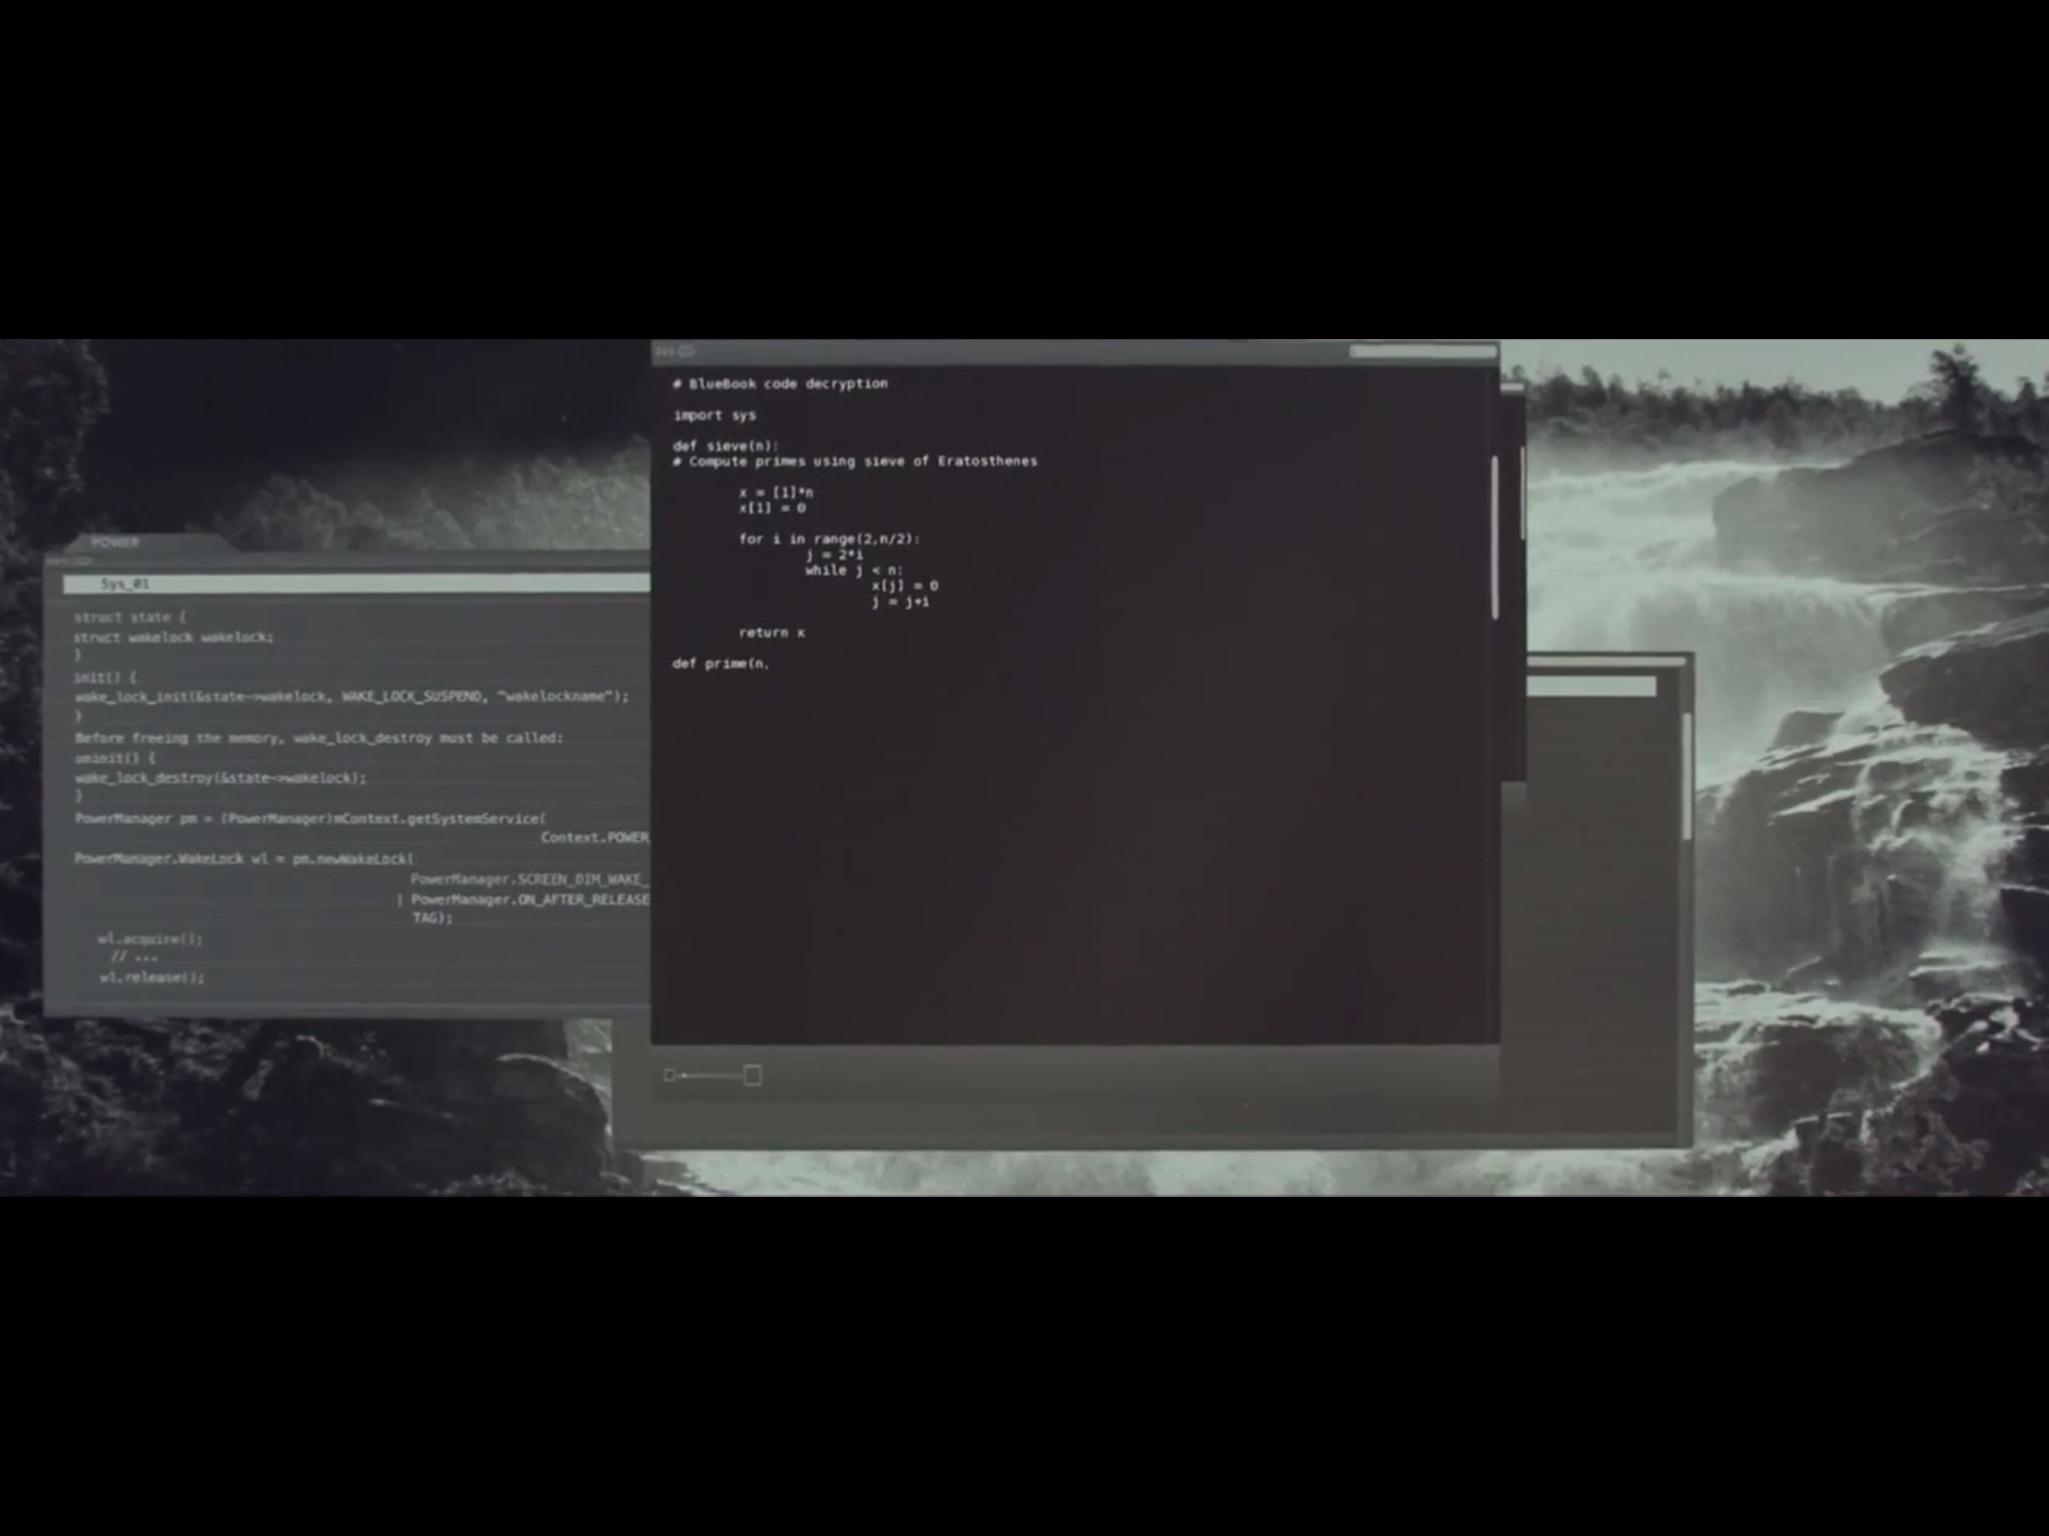 ex-machina-movie-screenshot-23.JPG